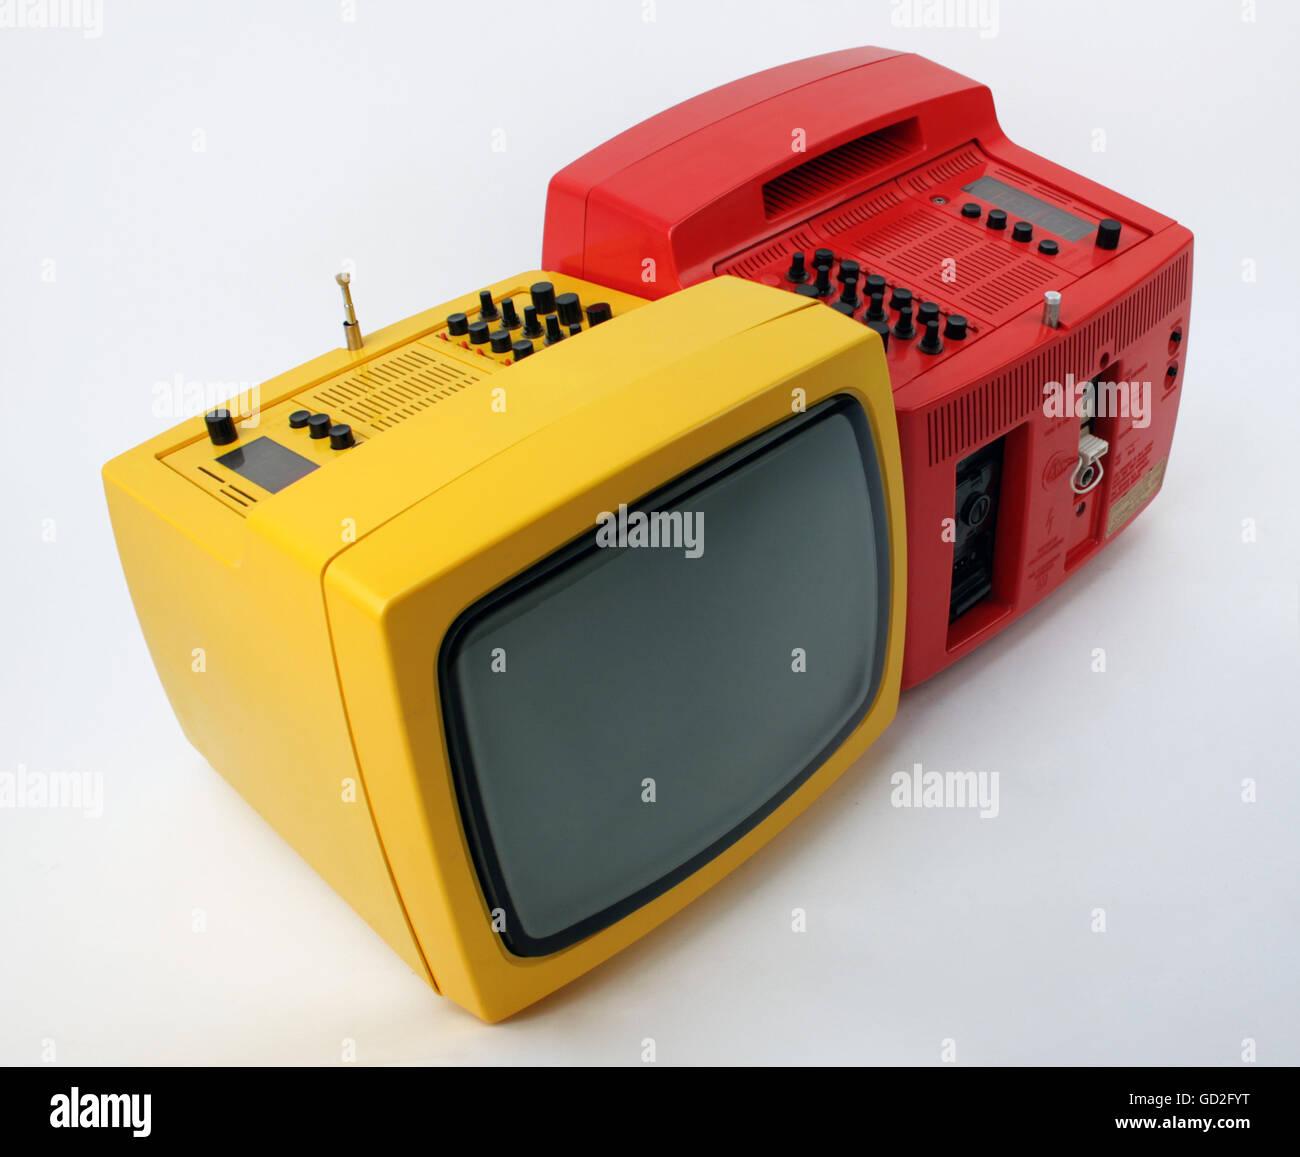 rundfunk fernsehen fernseher tragbare fernseher radio. Black Bedroom Furniture Sets. Home Design Ideas